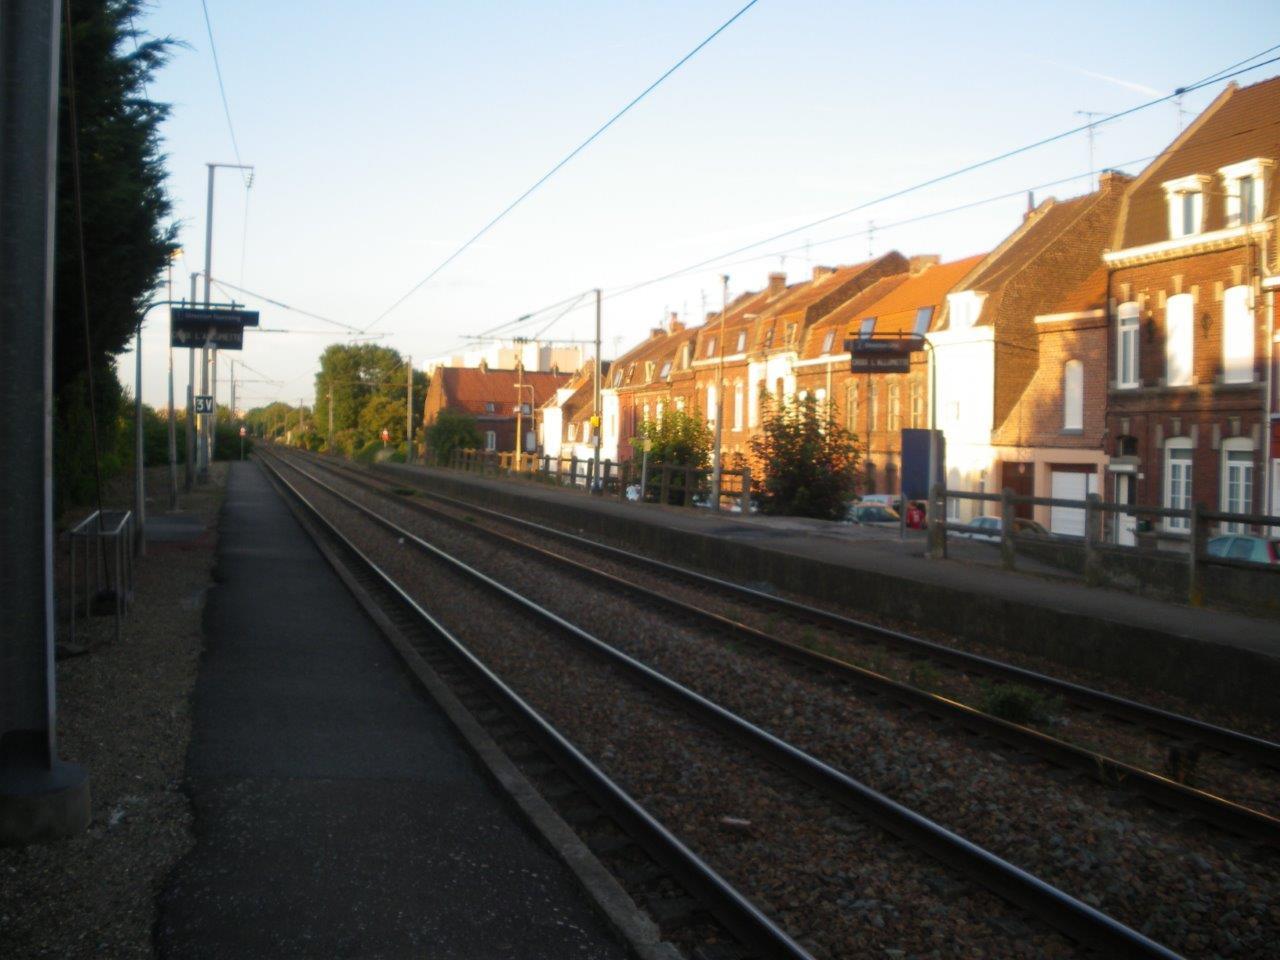 gare-de-croix-l-allumette-train-station